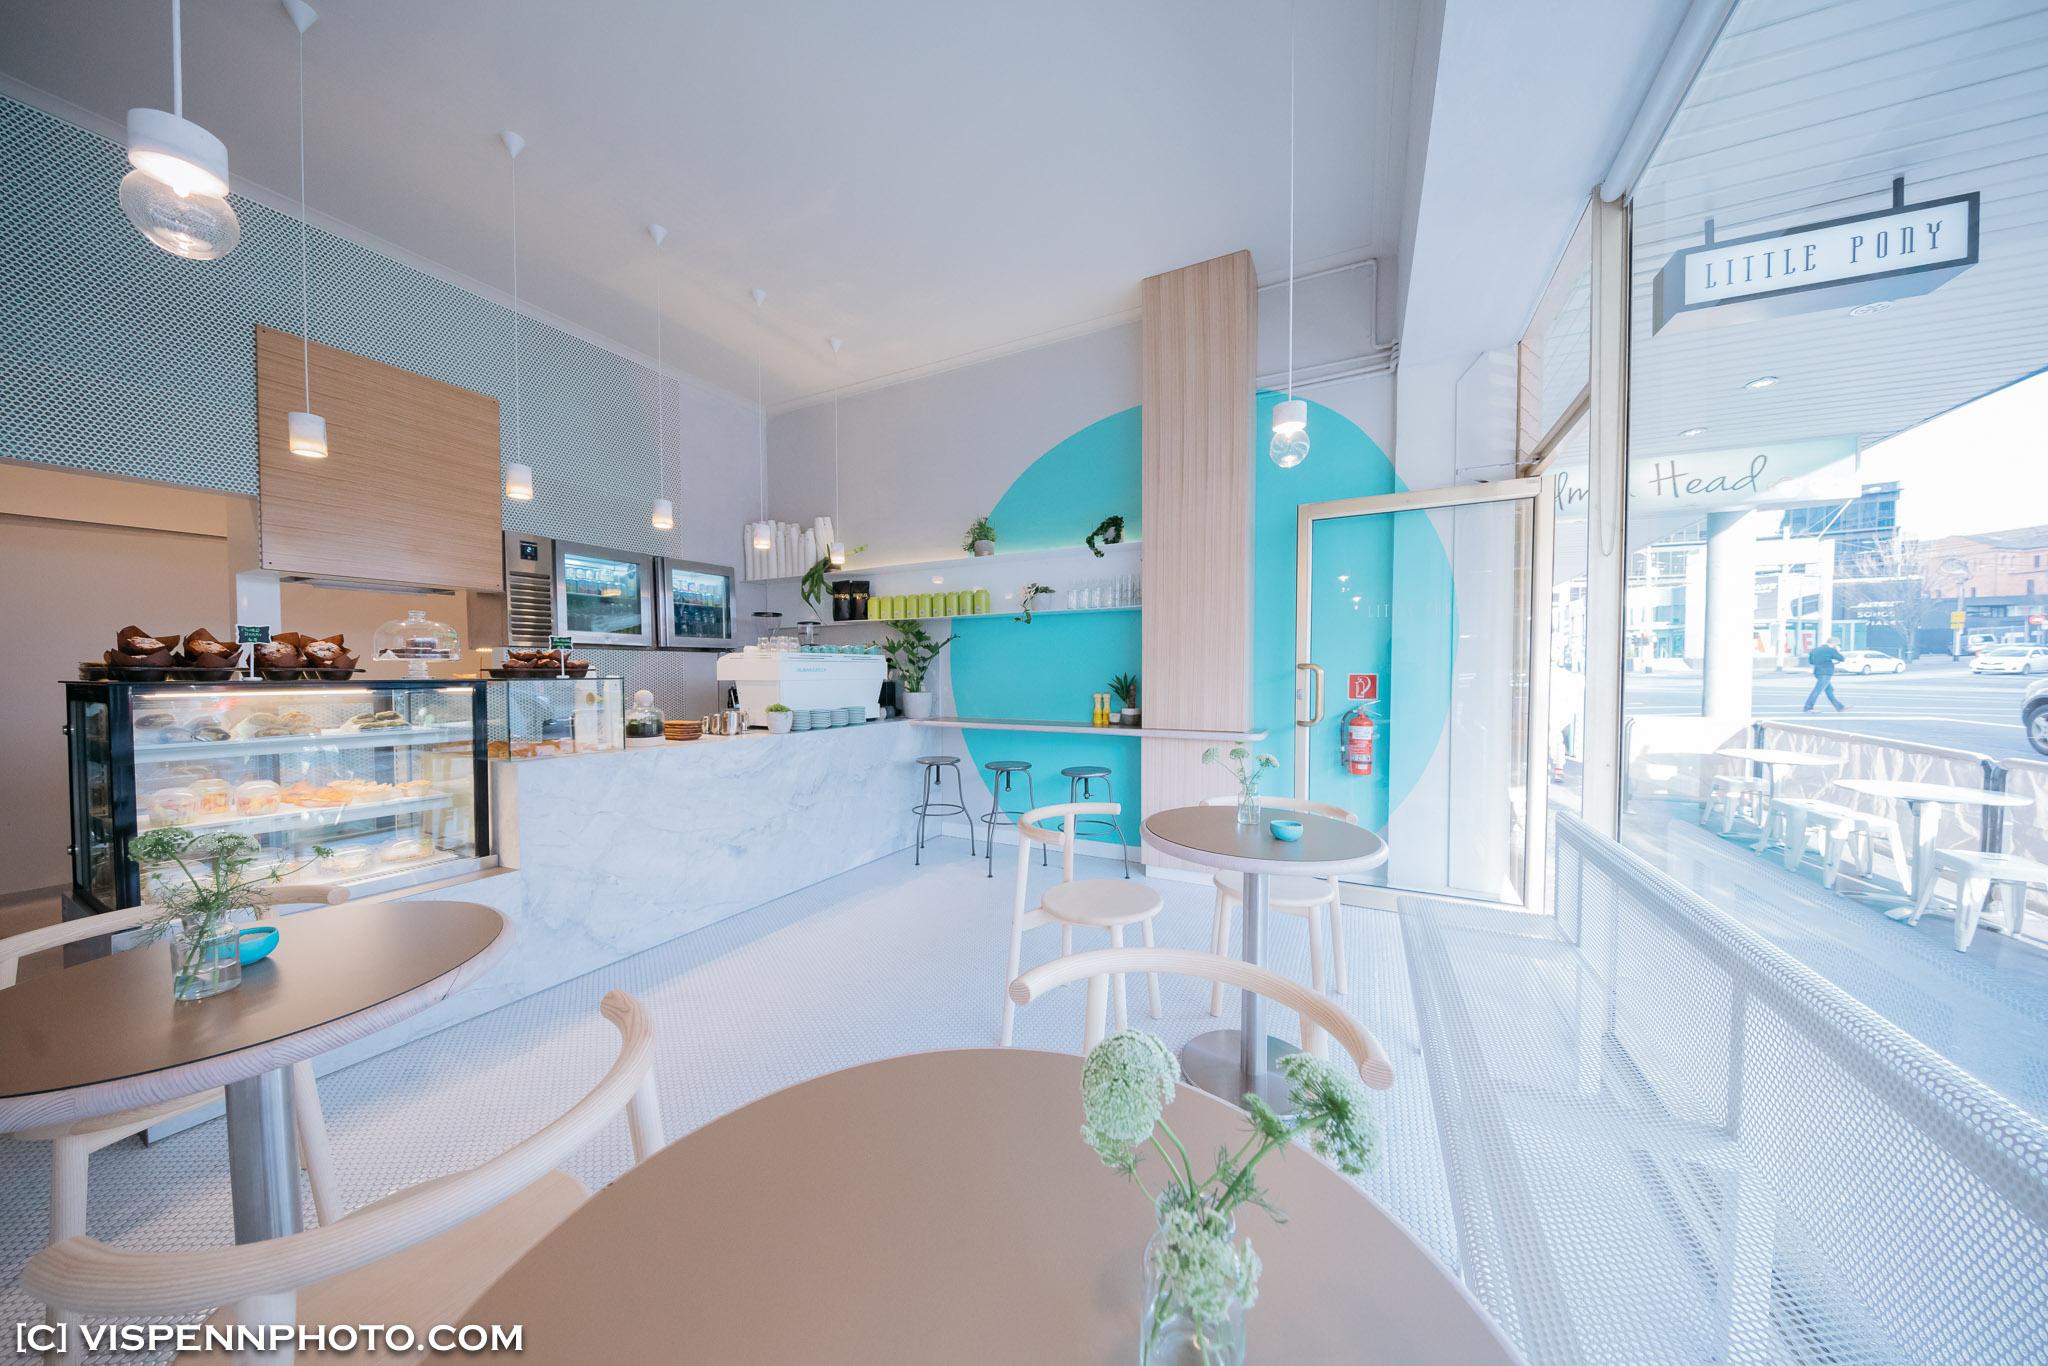 REAL ESTATE INTERIOR Photography Melbourne VISPENN 墨尔本 地产摄影 公寓拍摄 豪宅拍摄 VR远程看房 房产航拍 DSC06425